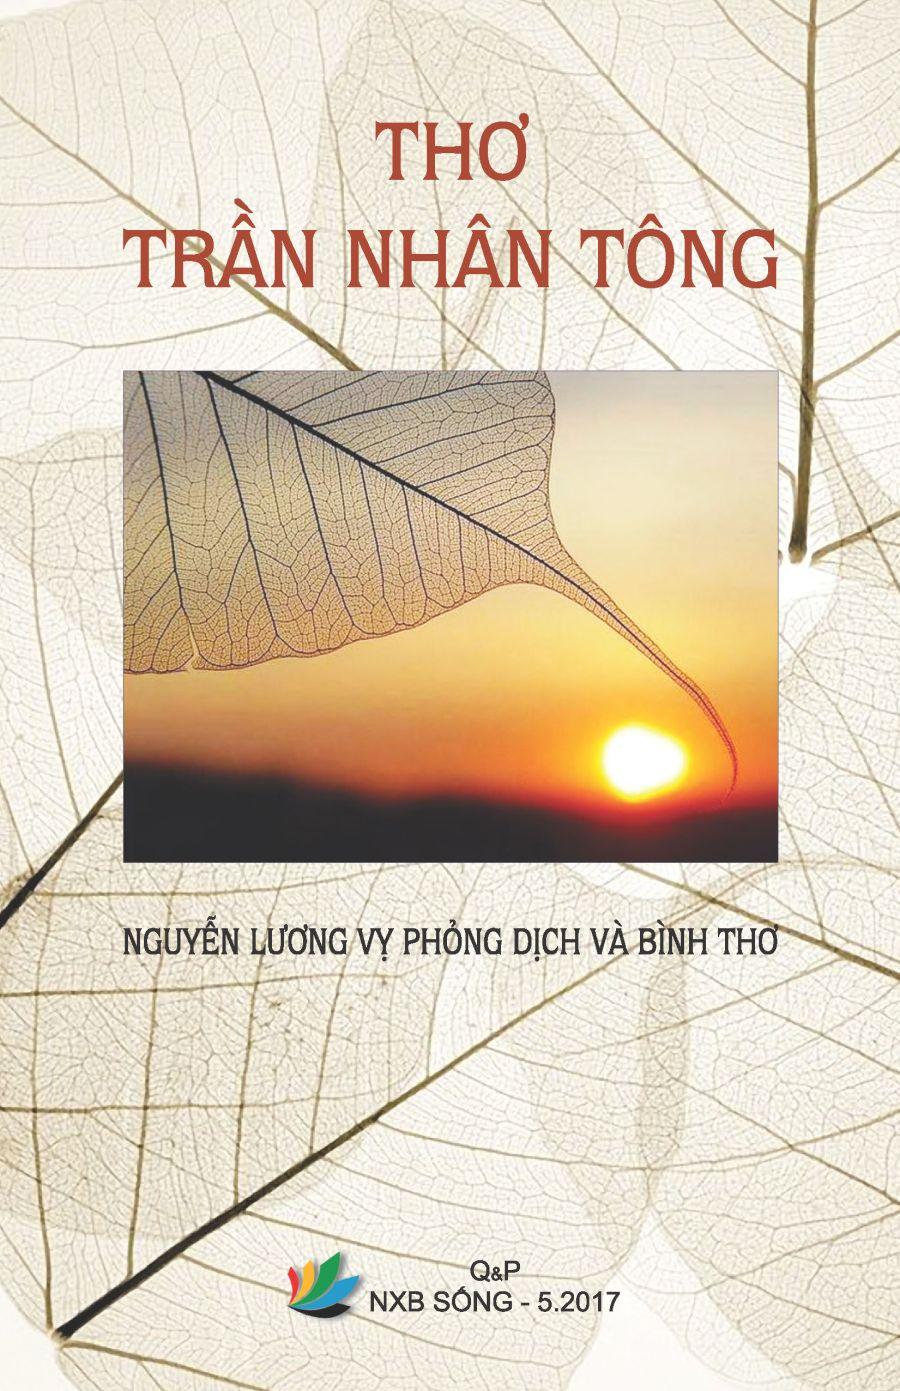 Bìa sách Thơ Trần Nhân Tông